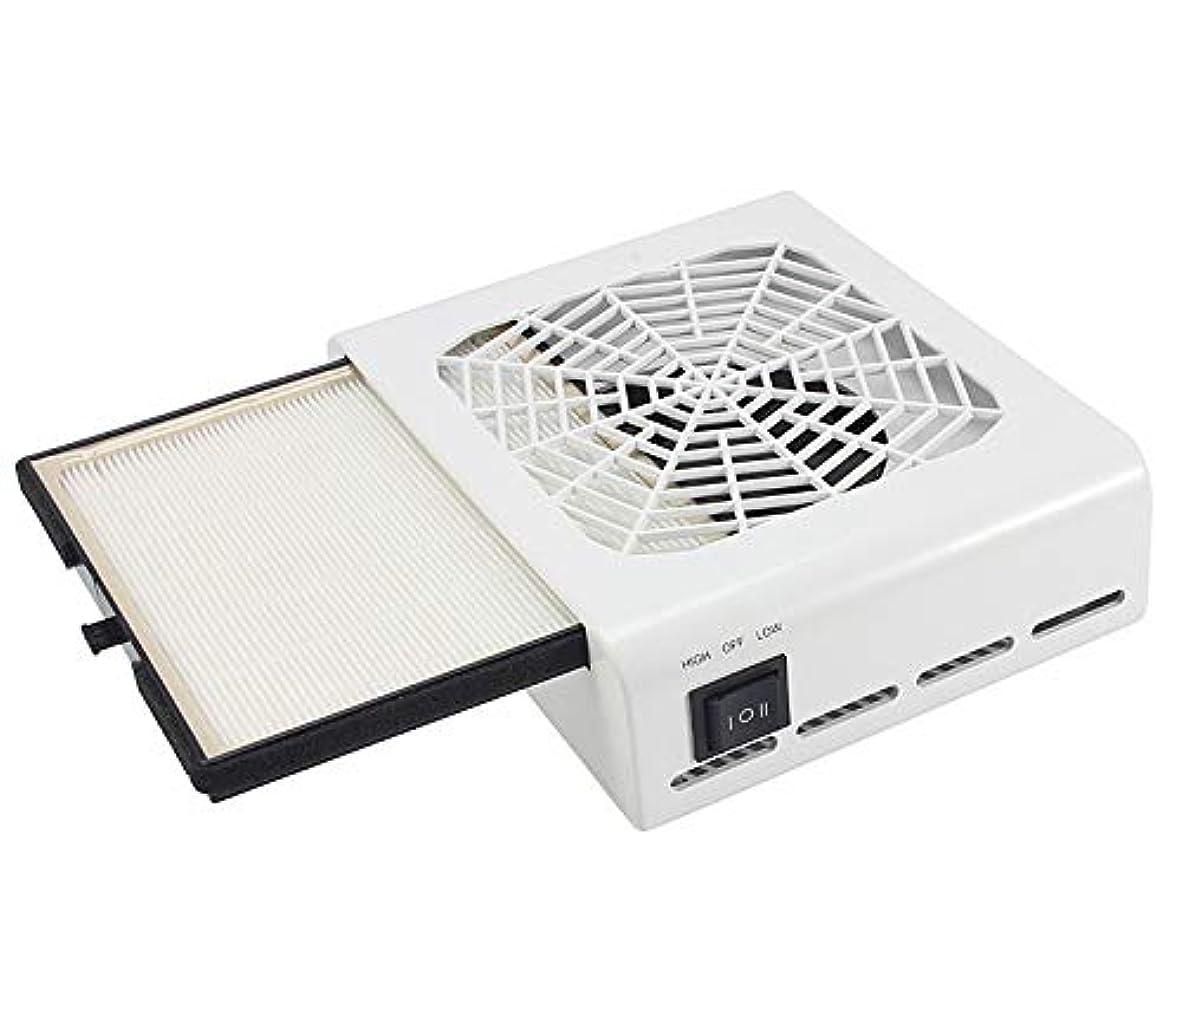 モンク気候ベンチャー最新版 ネイルダスト 集塵機 ジェルネイル ネイル機器 ネイルケア用 ハイパワー 45W低騒音 110V 2つの風速は調整可能